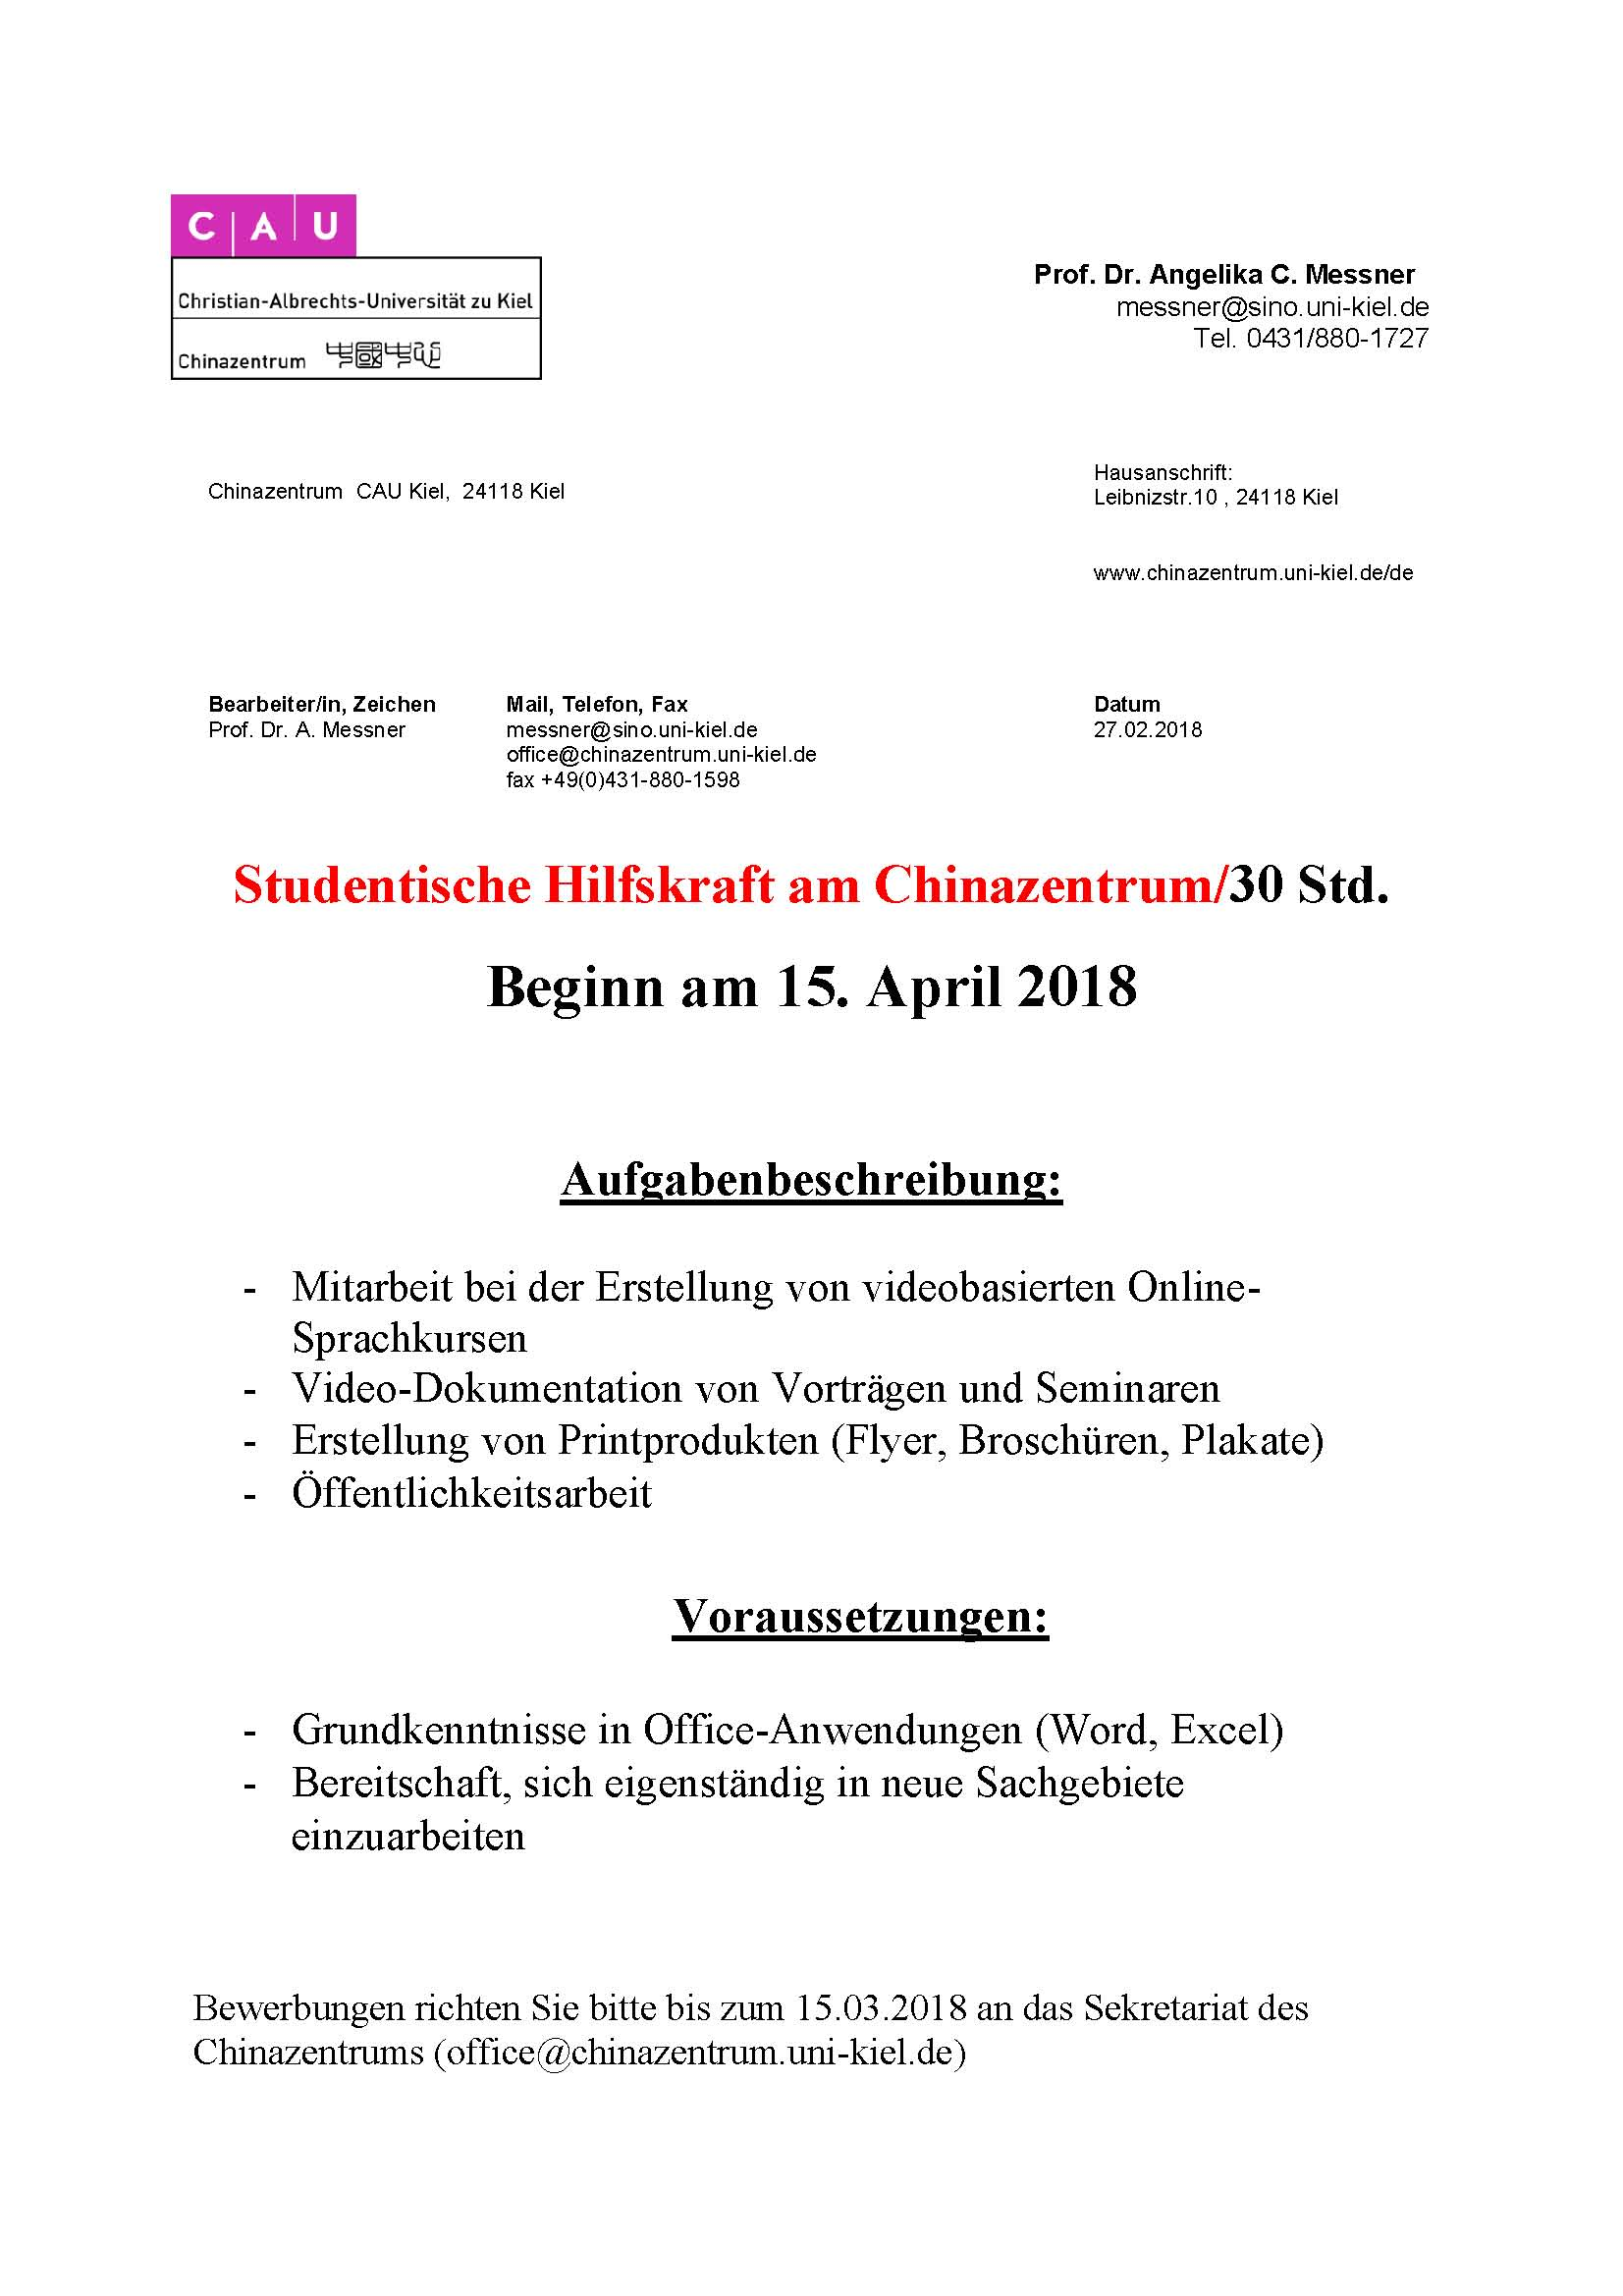 Ausschreibung Hiwi SS 2018